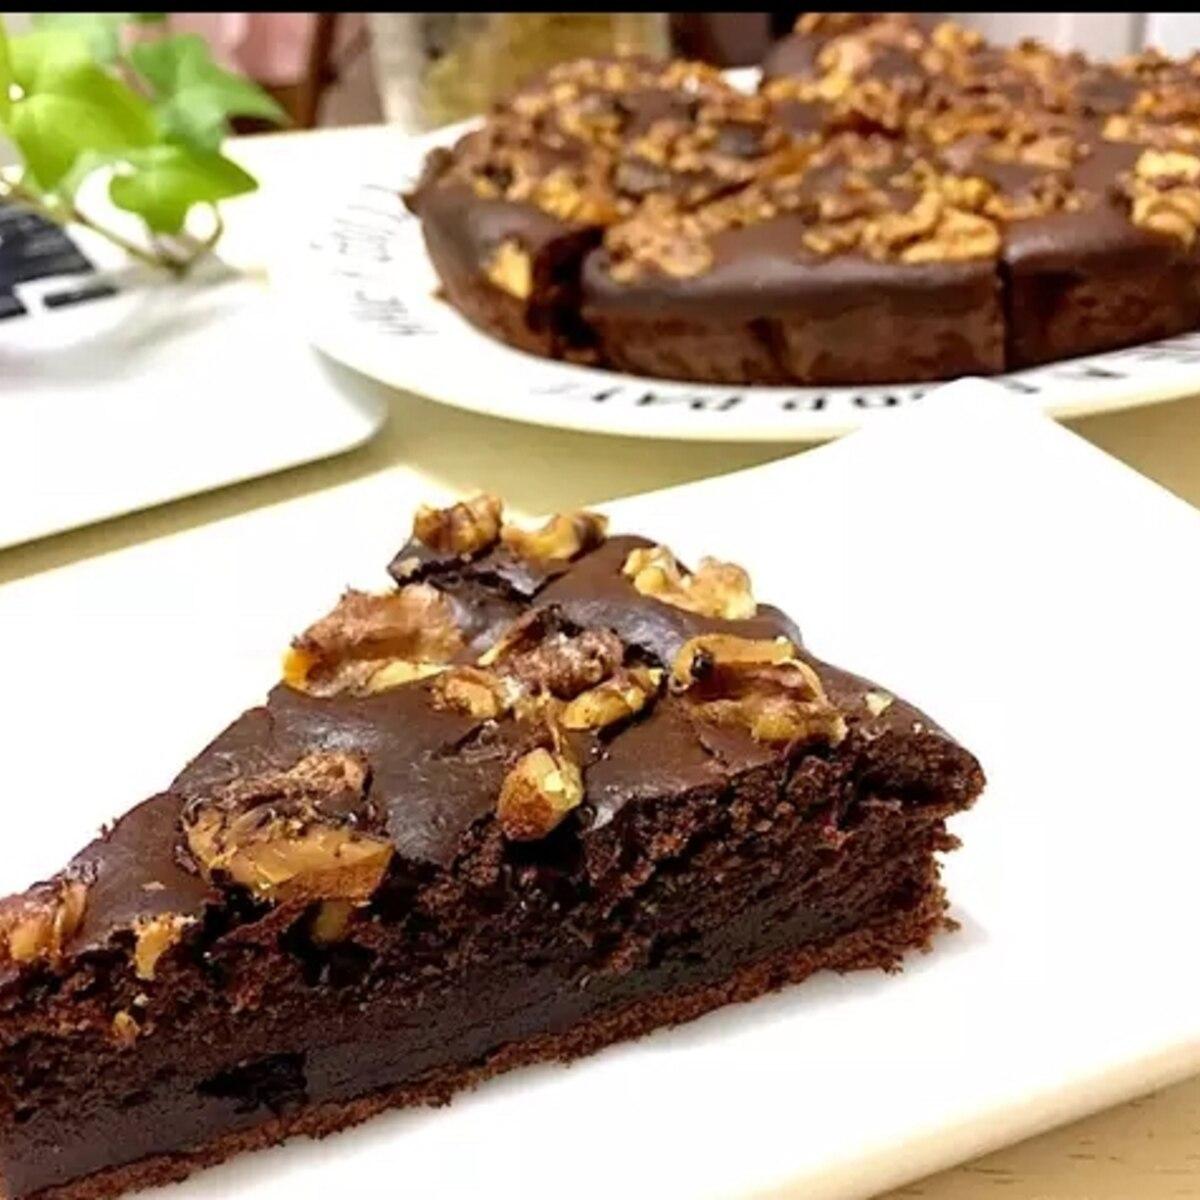 簡単 ホットケーキミックスでチョコレートケーキ レシピ 作り方 By Lalapo 楽天レシピ